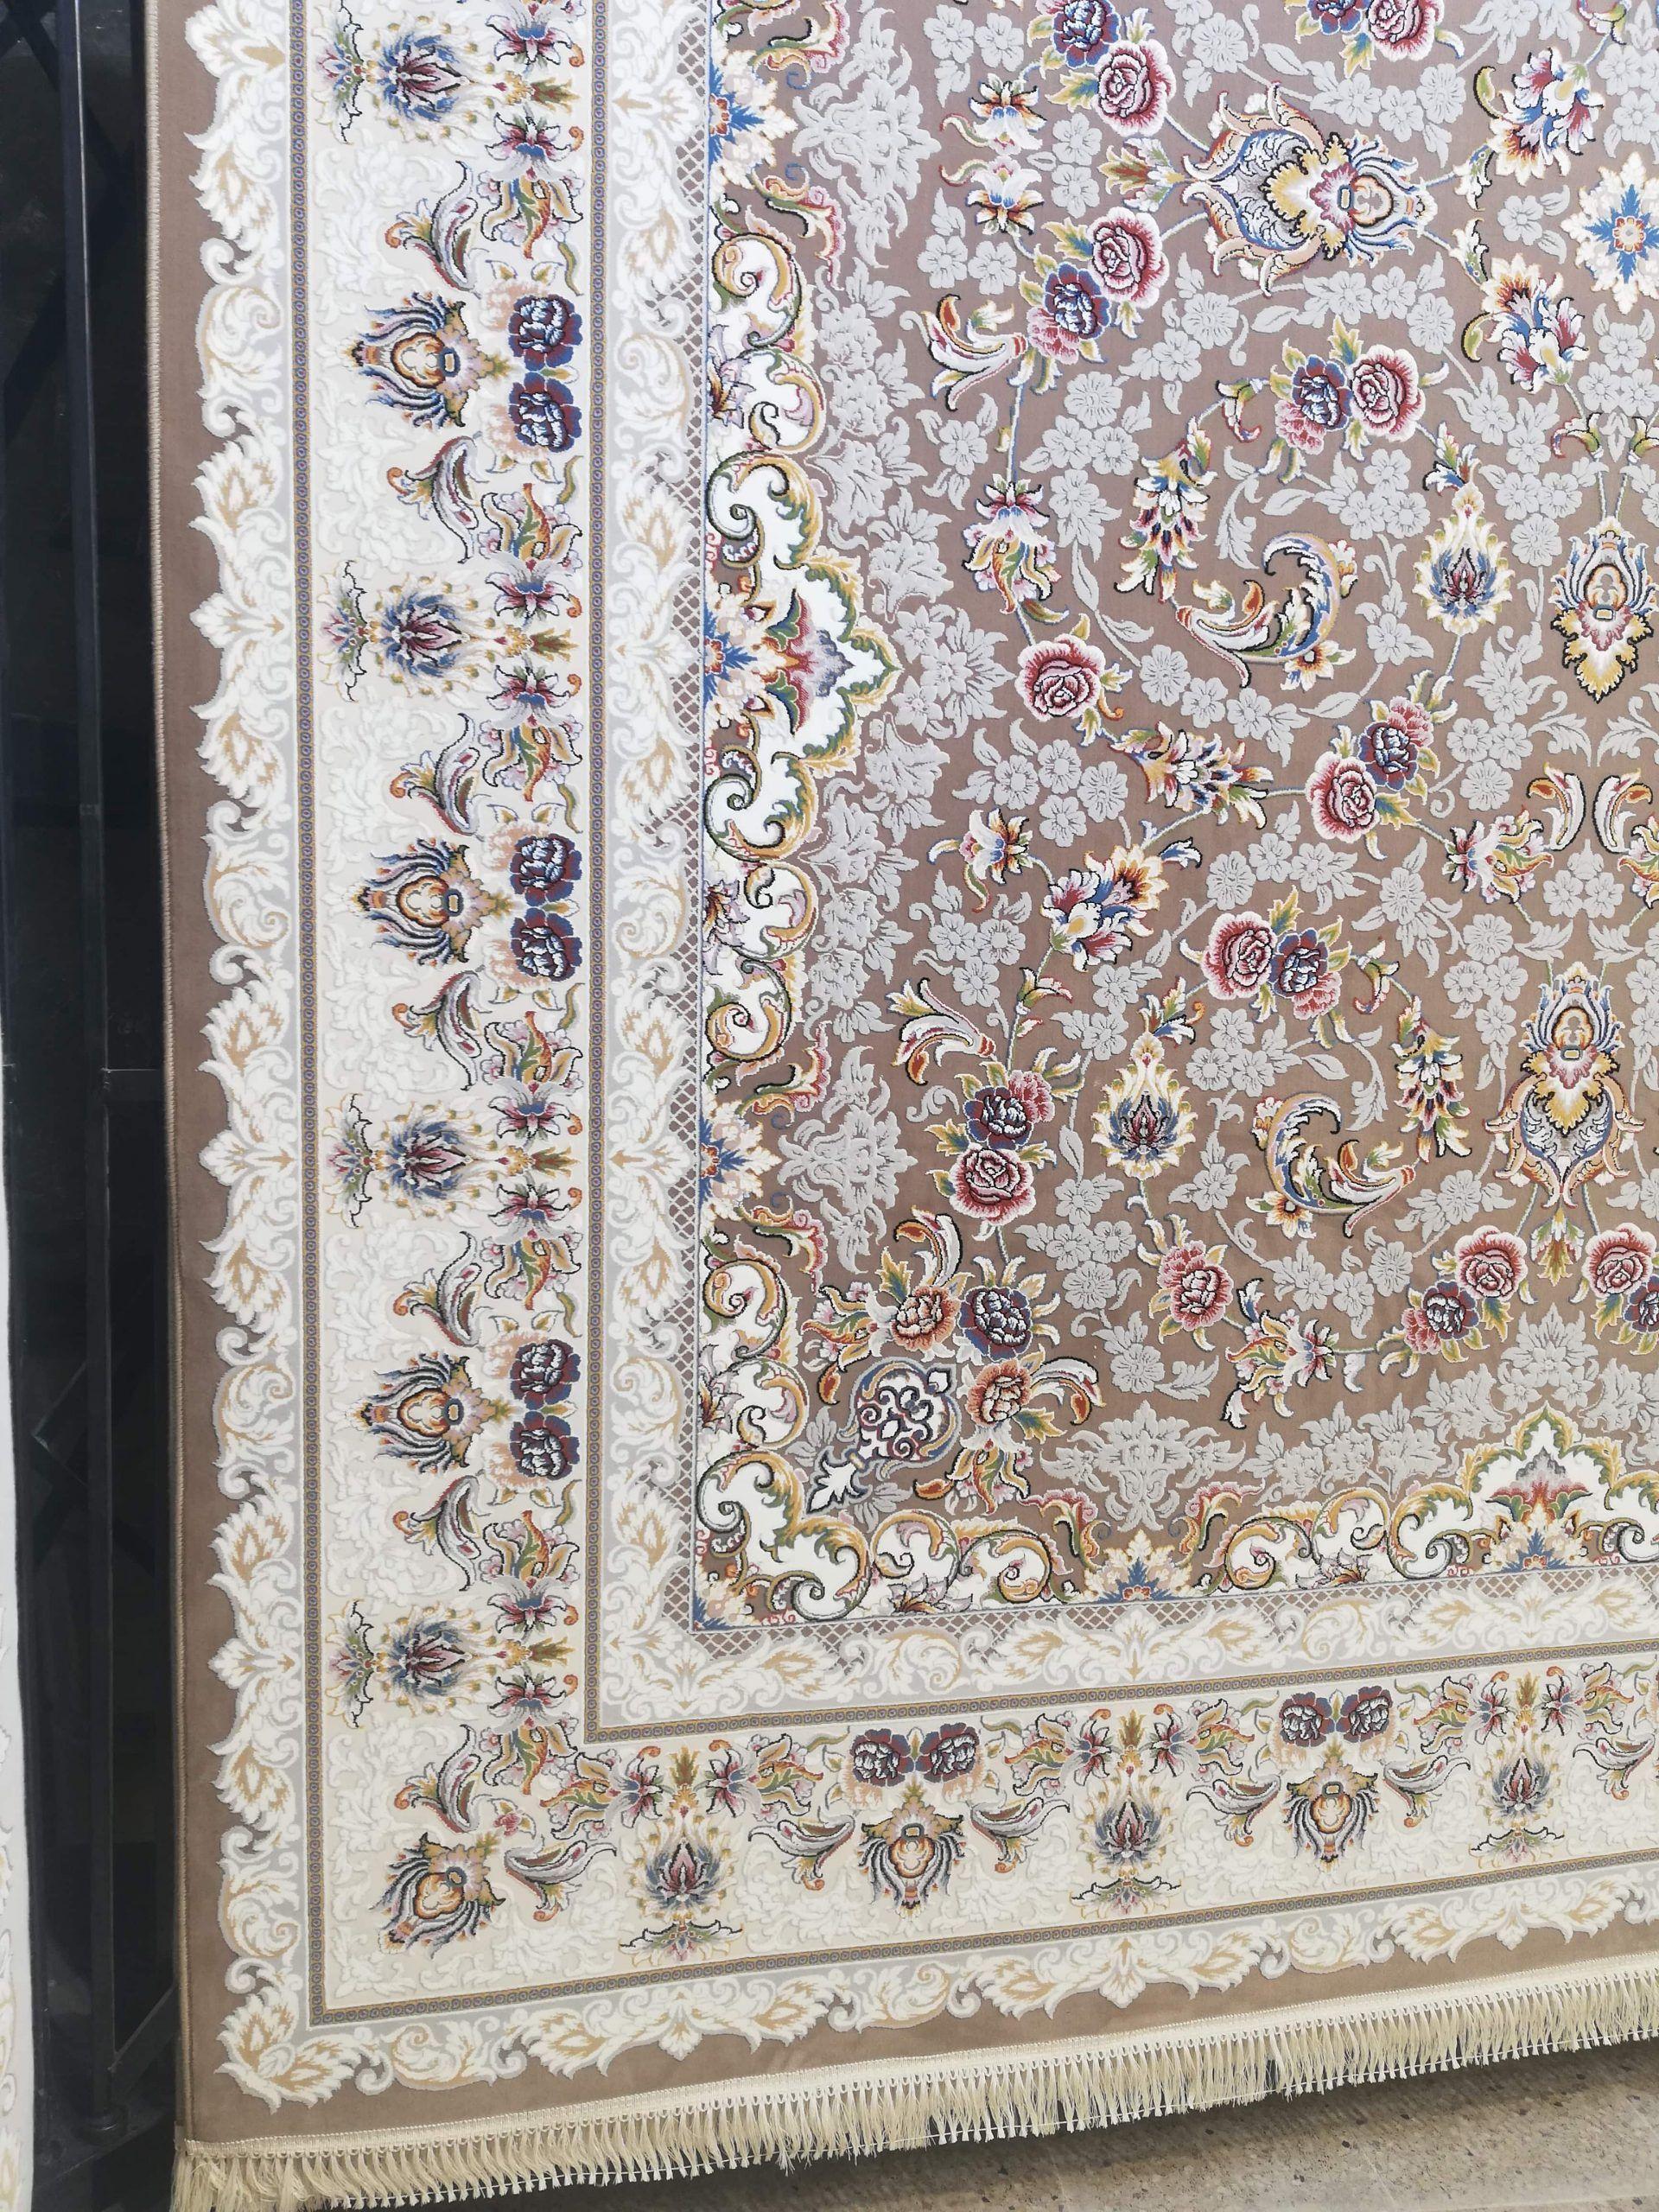 فرش 700 شانه گل برجسته نقشه افشان رژا زمینه نسکافه ای